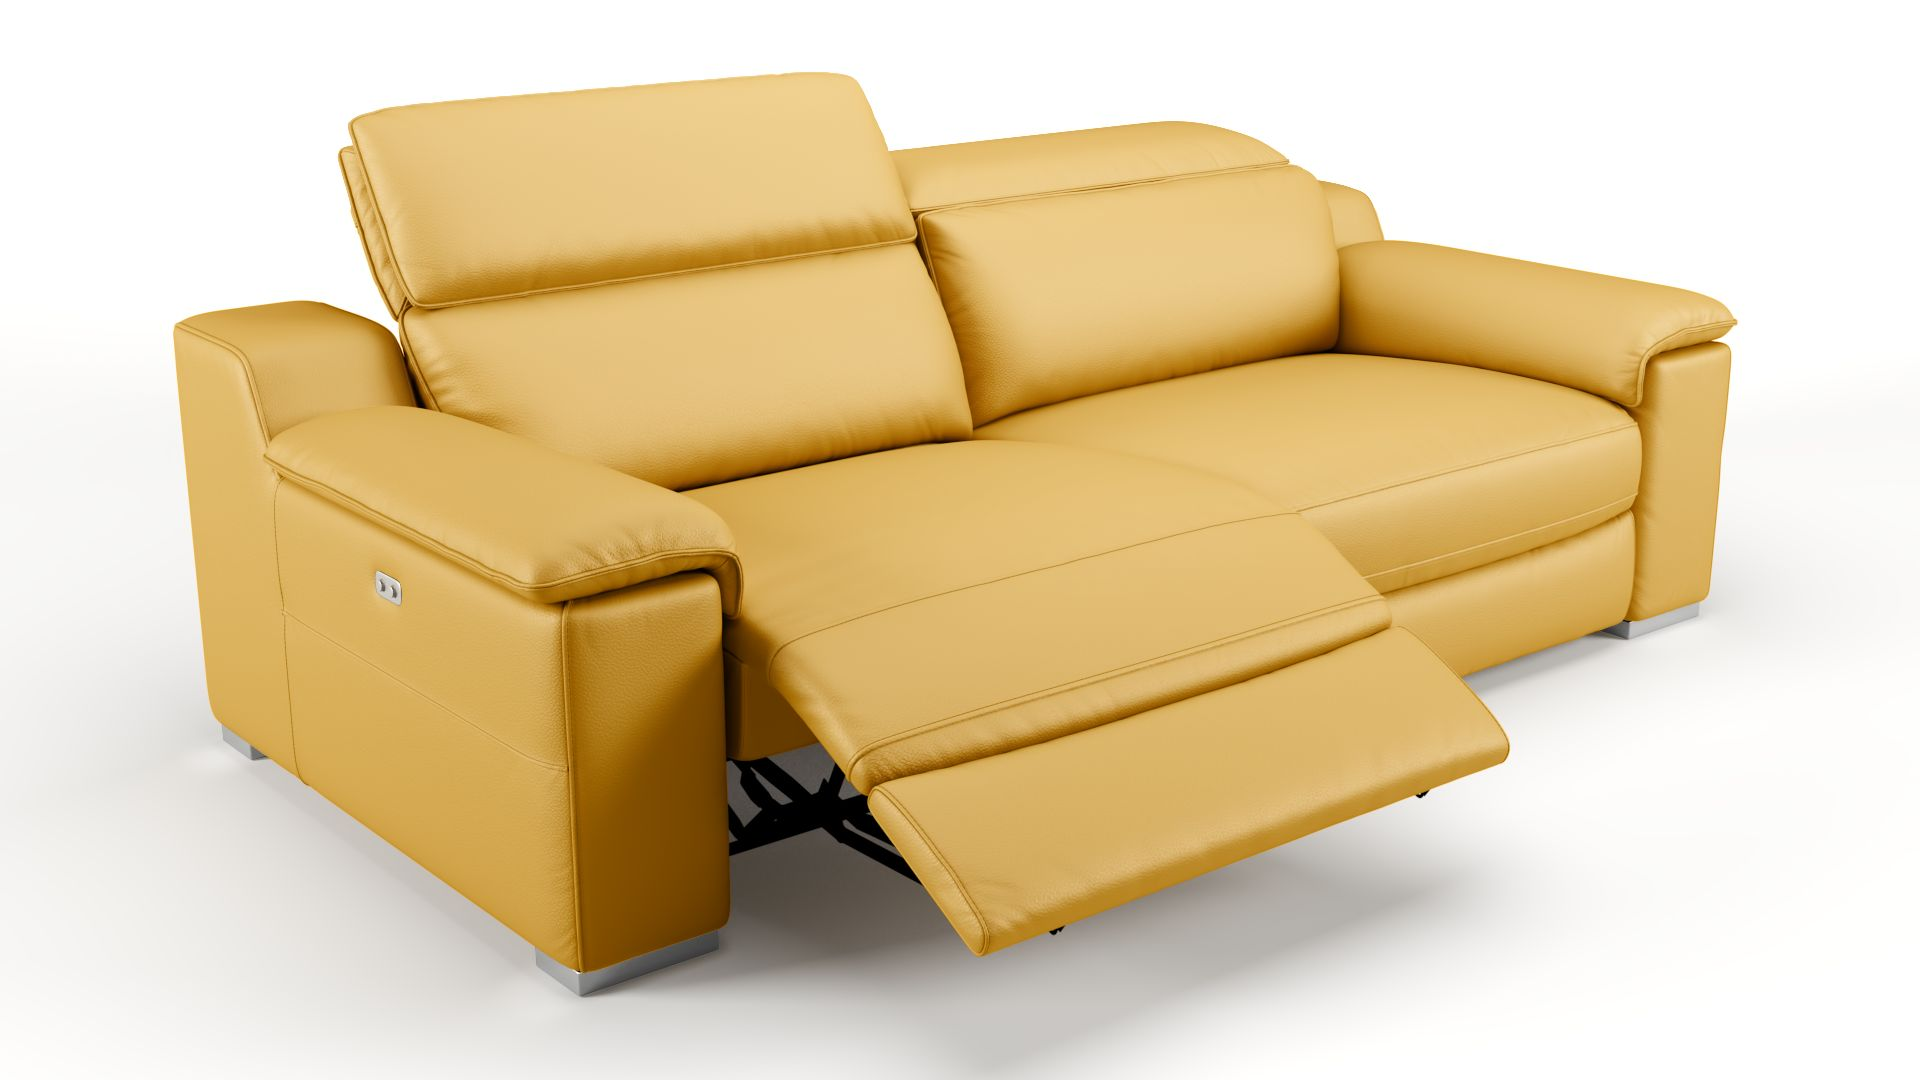 Full Size of 2 Sitzer Sofa Mit Relaxfunktion Gebraucht Couch Stoff Leder 2 Sitzer City Integrierter Tischablage Und Stauraumfach Elektrisch 3 Ledersofa Macello Sofanella Sofa 2 Sitzer Sofa Mit Relaxfunktion